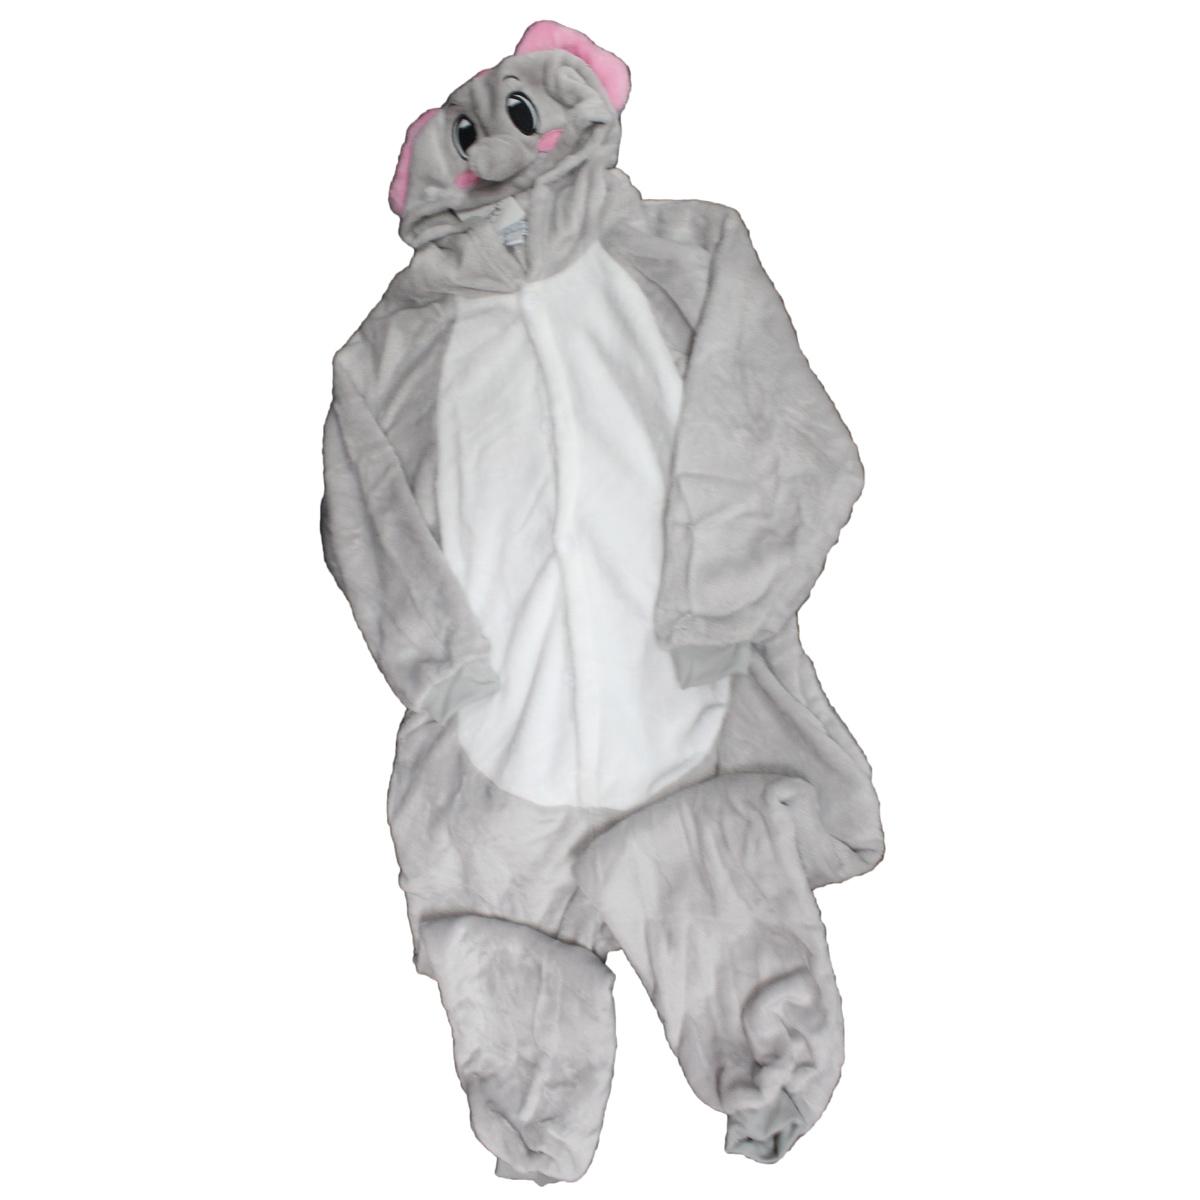 Tuta-Pigiama-Costume-Onesie-Carnevale-Halloween-Uomo-Donna-Unisex-Elefante